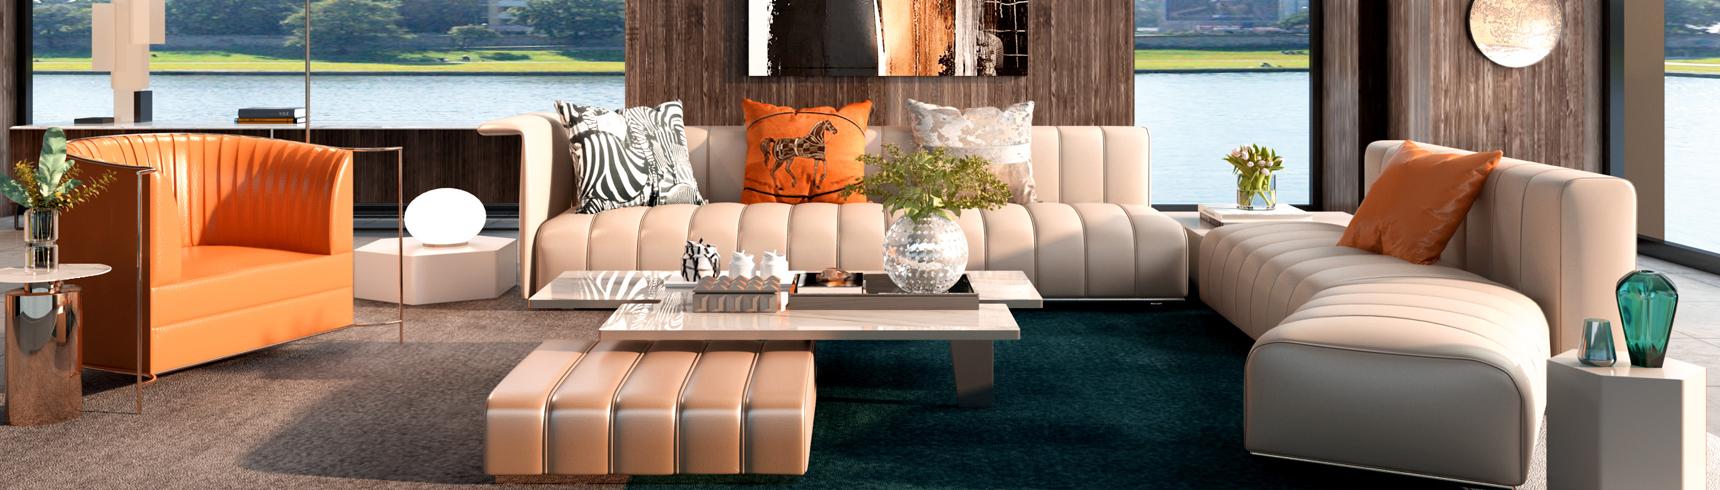 现代轻奢客厅 沙发 茶几 休闲椅 吊灯 落地灯 饰品摆件3D模型下载